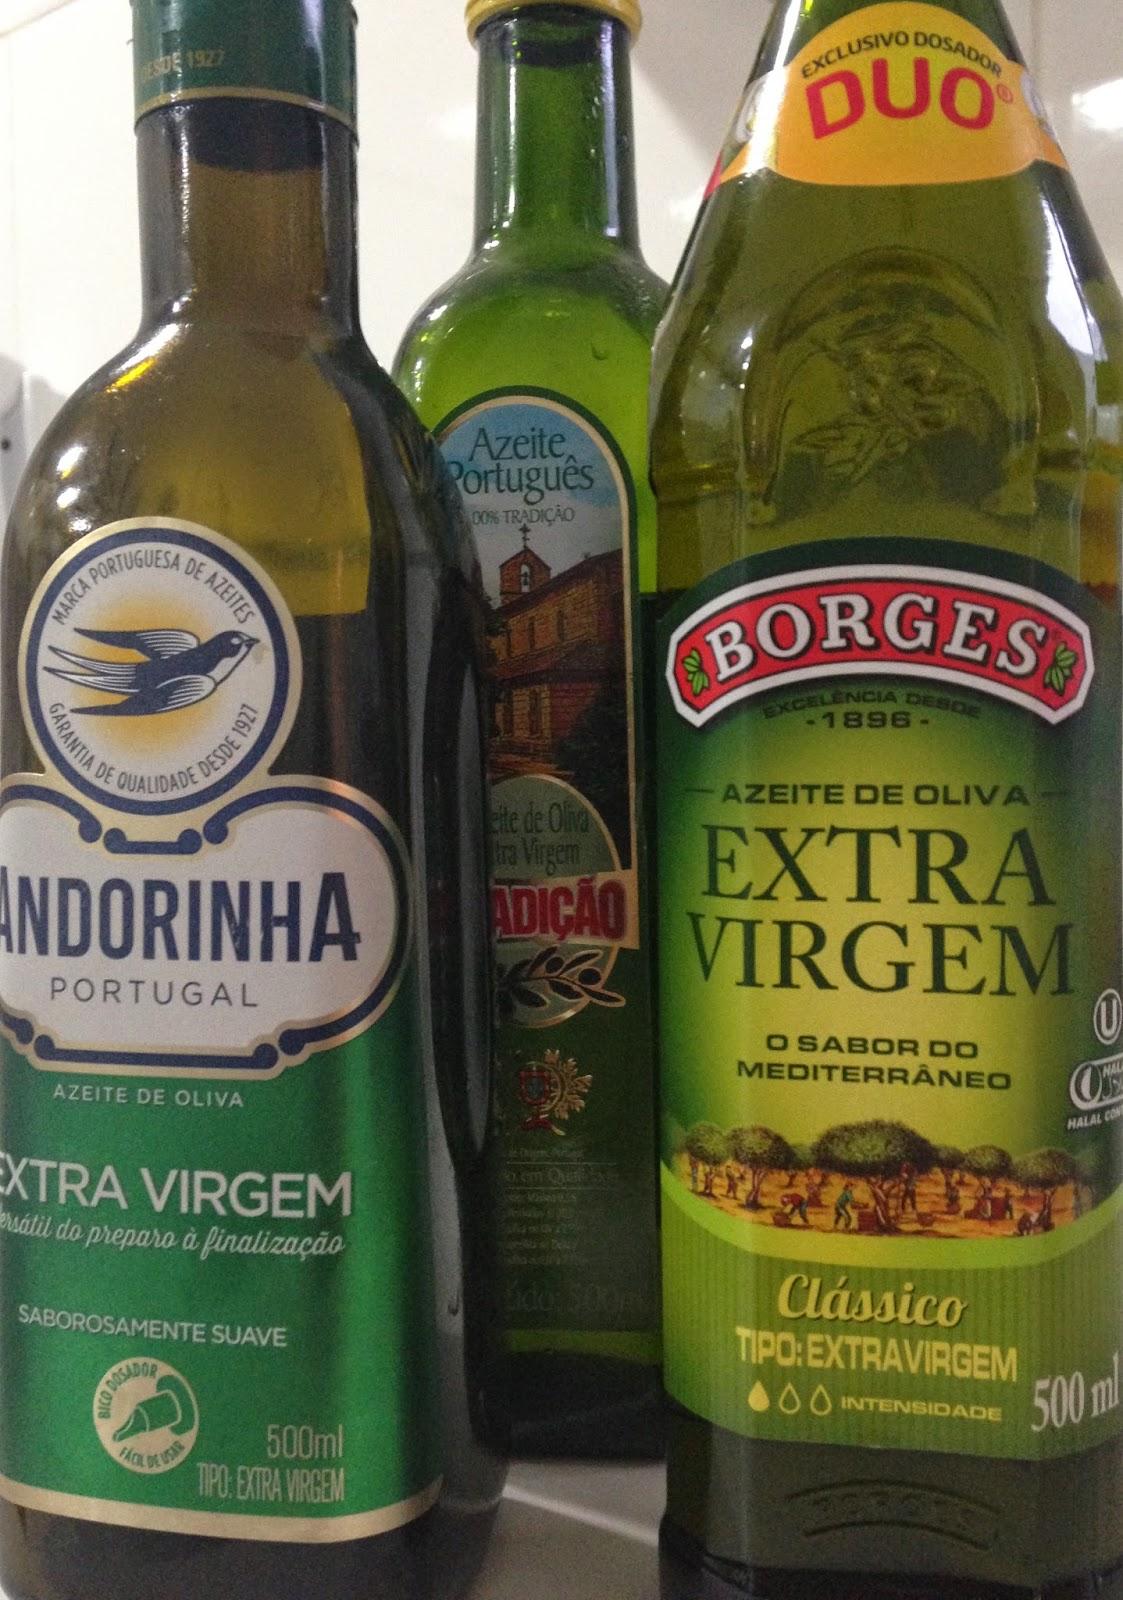 azeite, rico em vitamina E